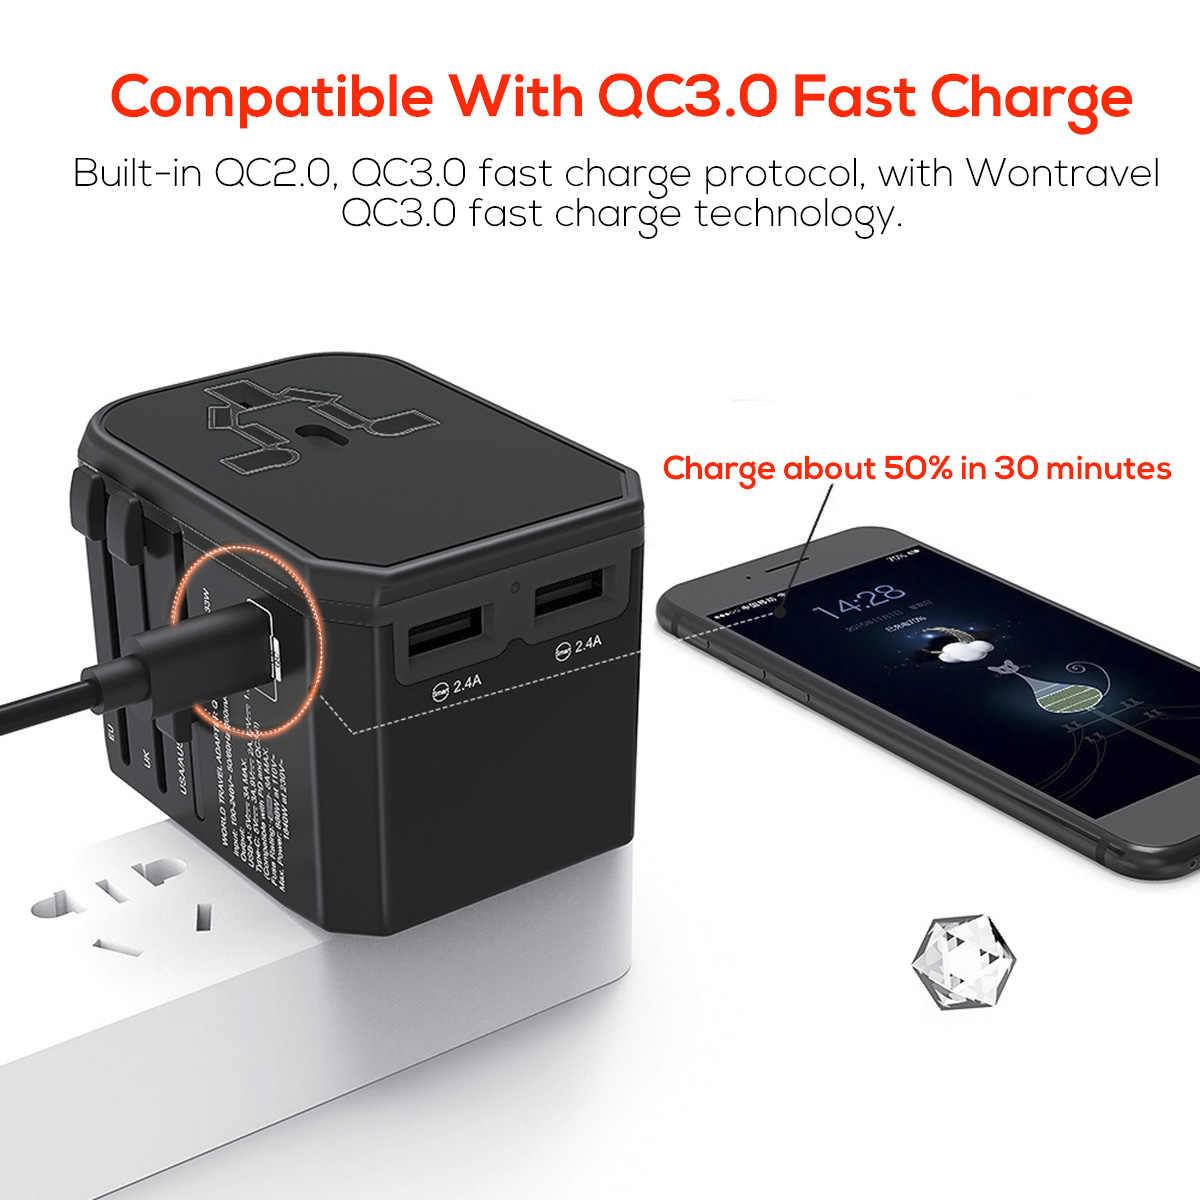 Szybkie ładowanie PD3.0/QC 3.0/FCP/AFC Adapter podróżny uniwersalna 33W USB typu C na całym świecie ładowarka za pomocą tego narzędzia online bez US/UK/AU/ue wtyczka gniazdo